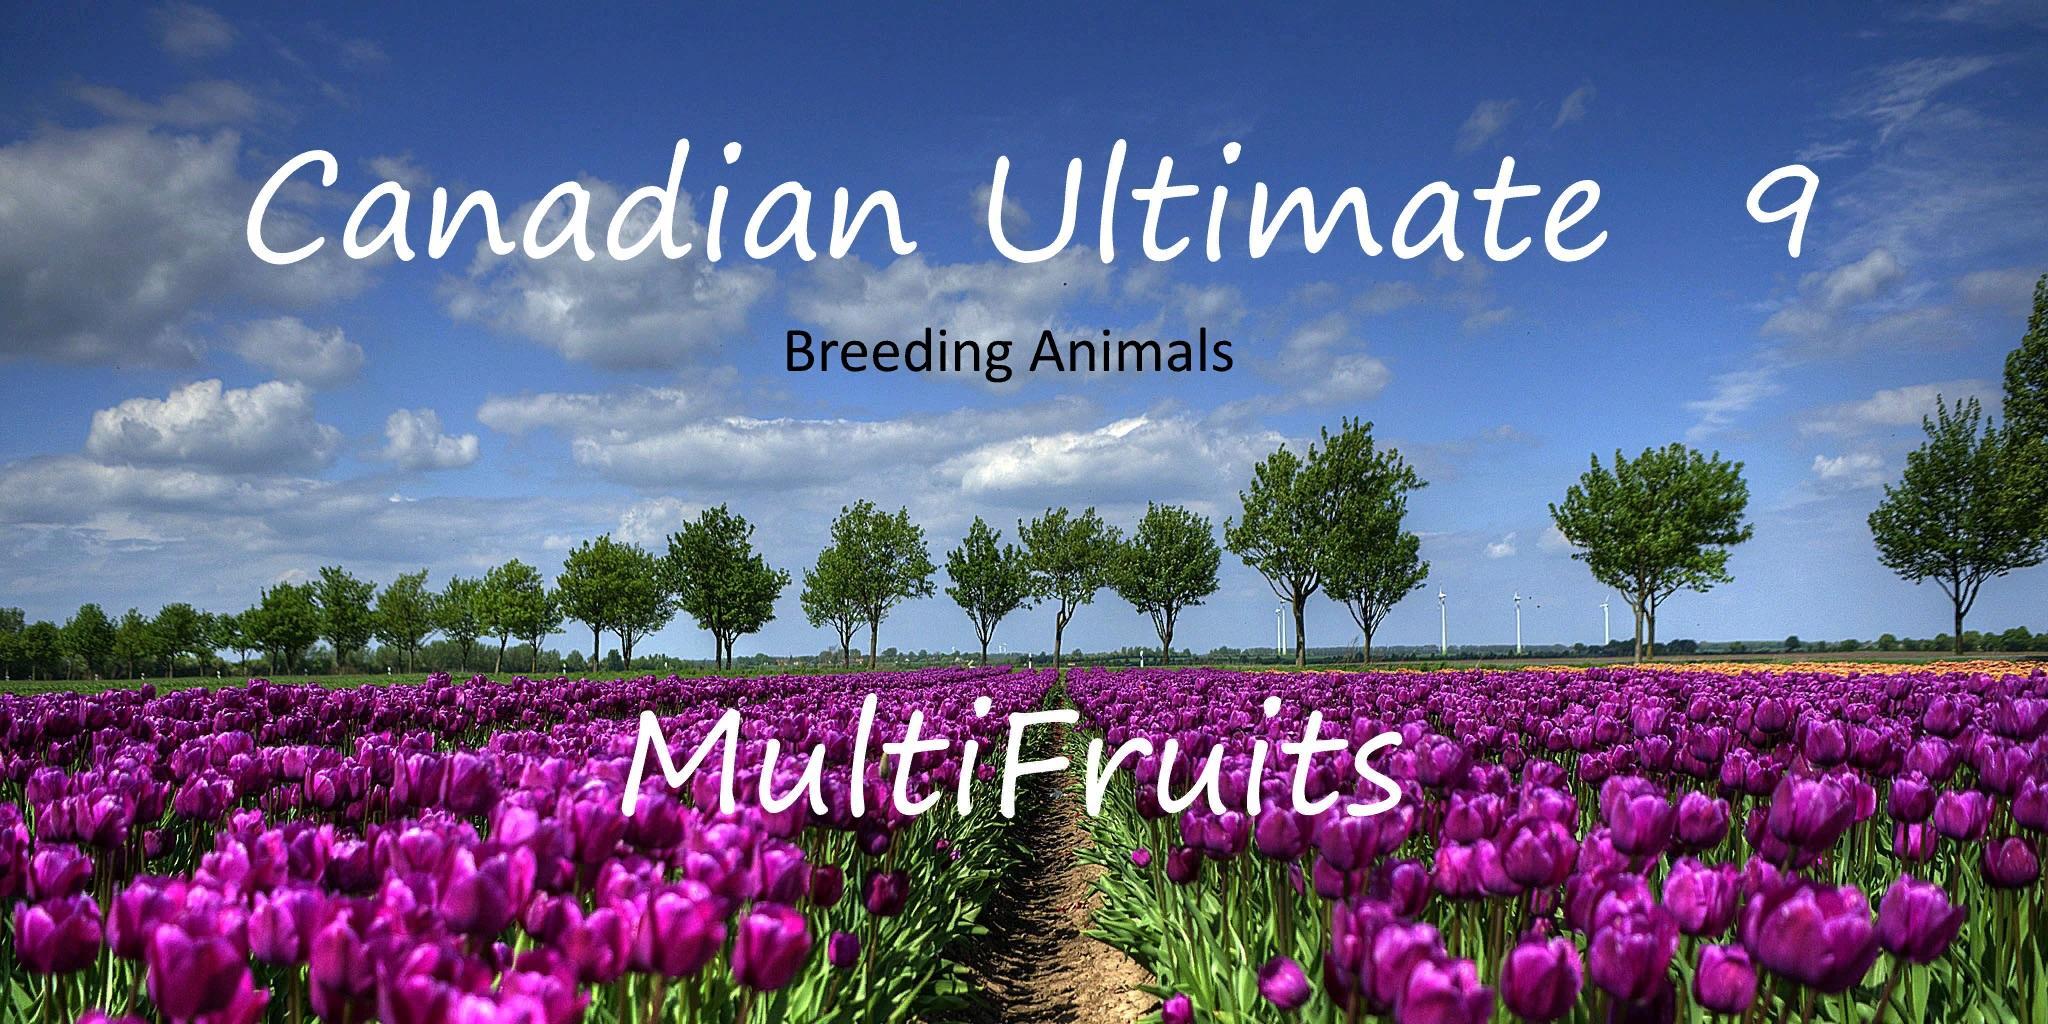 Canadian Ultimate v91 FS17 Canadian Ultimate v91